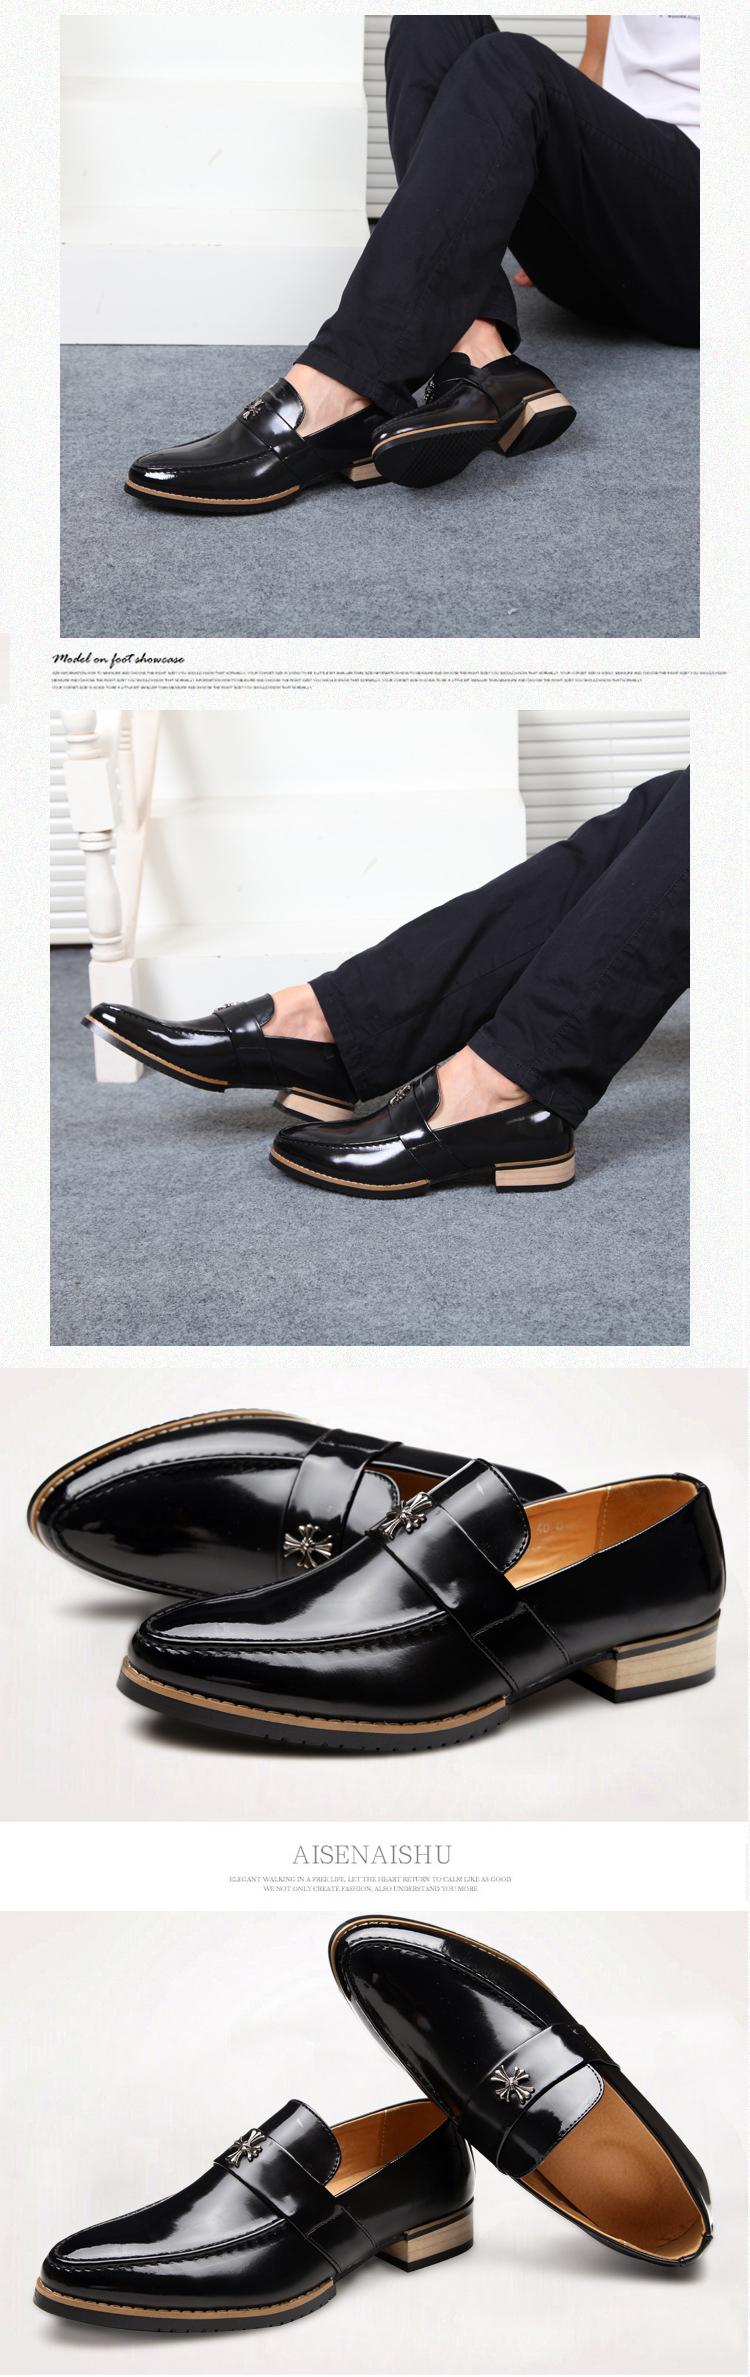 Giày tây đen g67 - 1